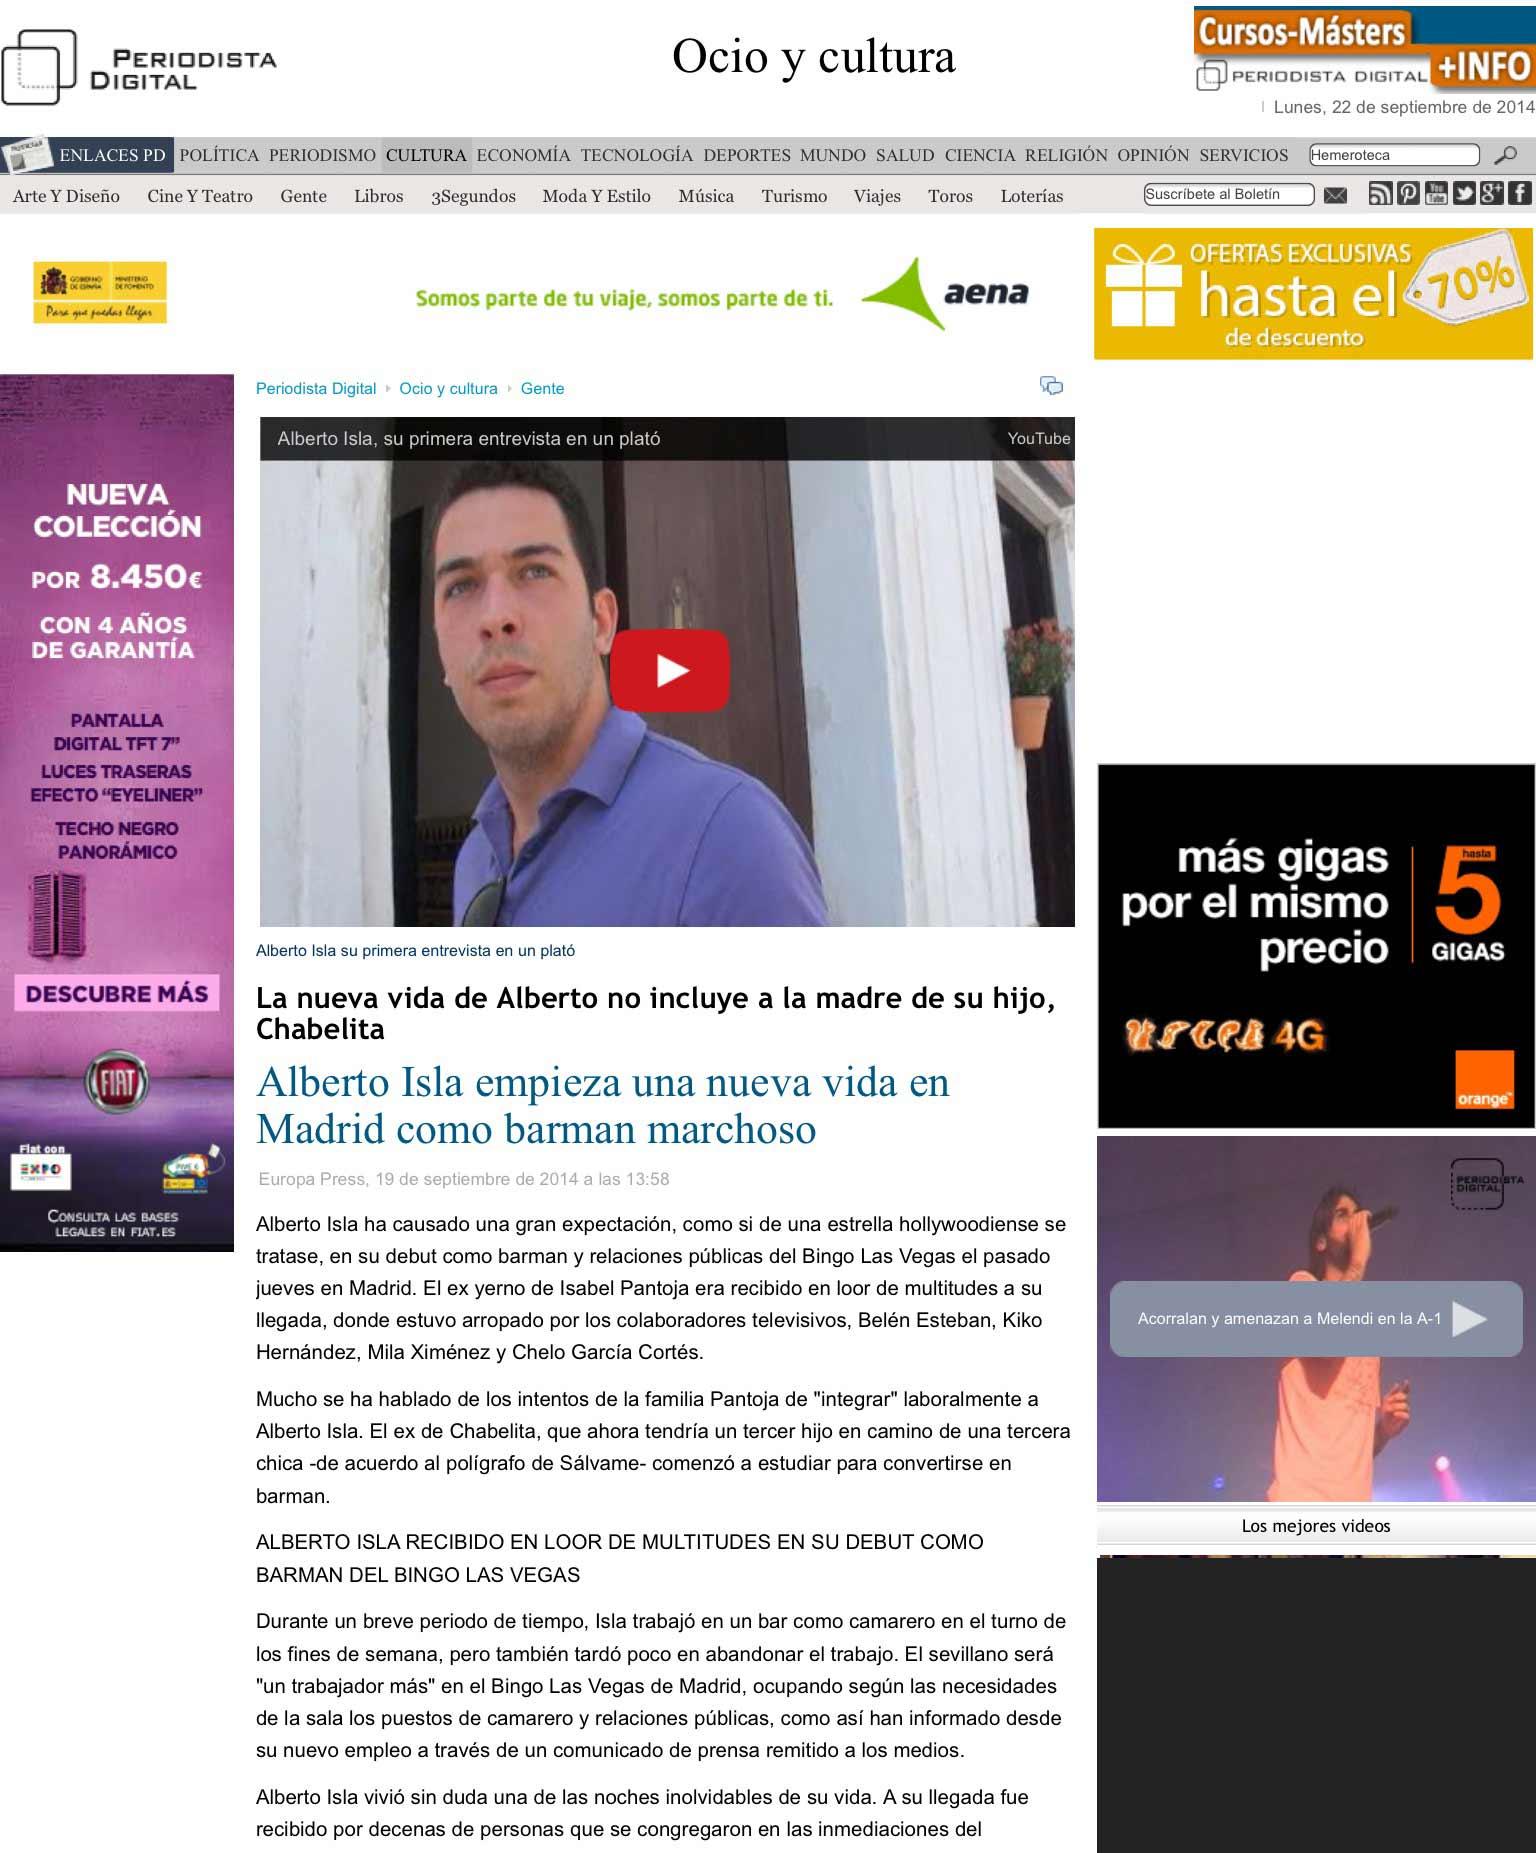 Alberto Isla empieza una nueva vida en Madrid como barman marchoso